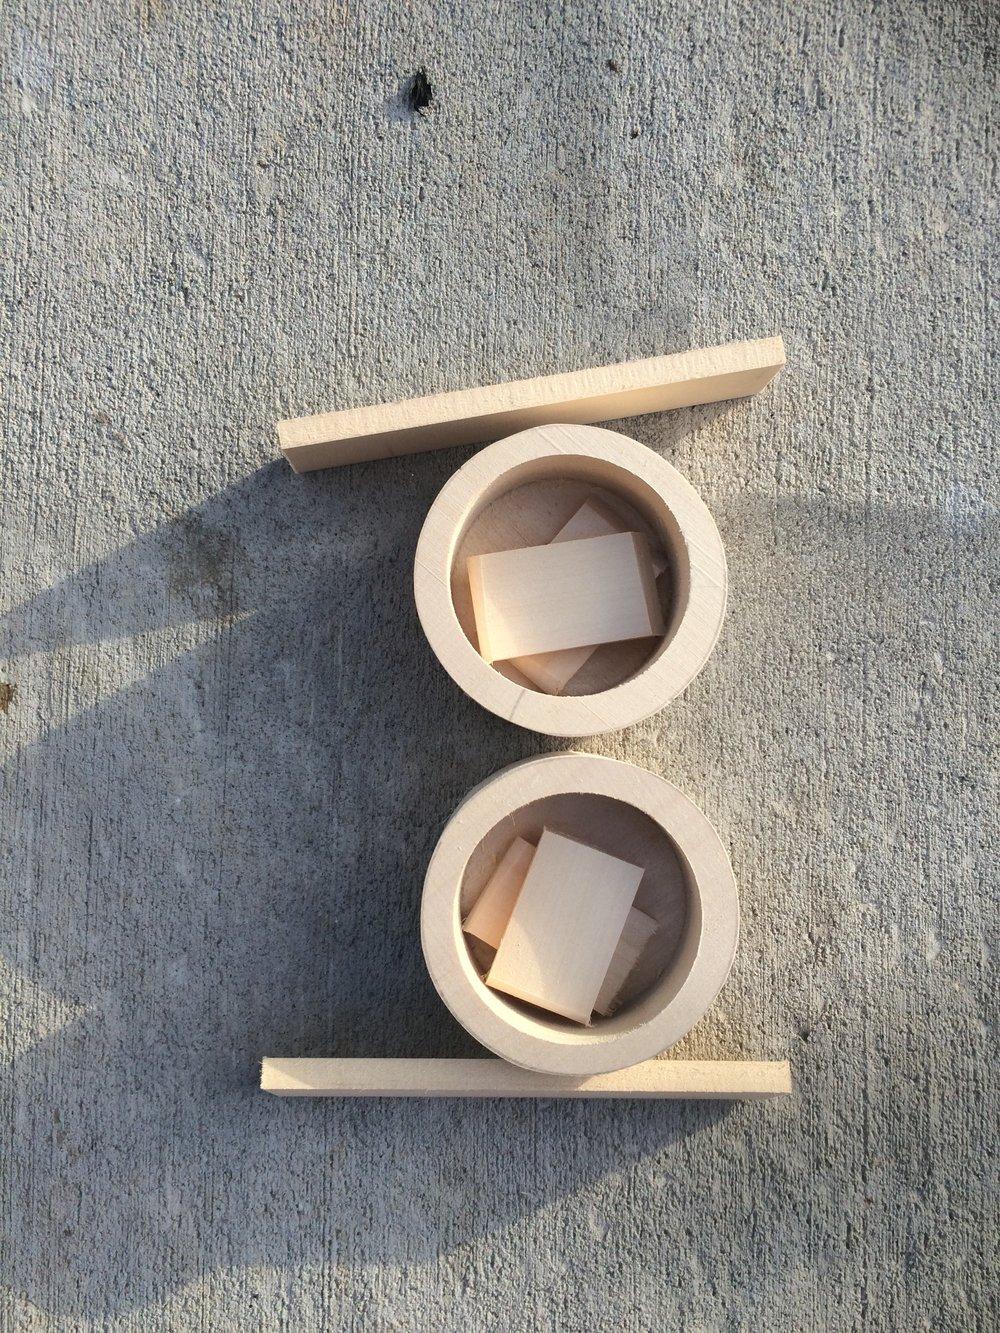 Prototype - Hookup Series 1.jpg